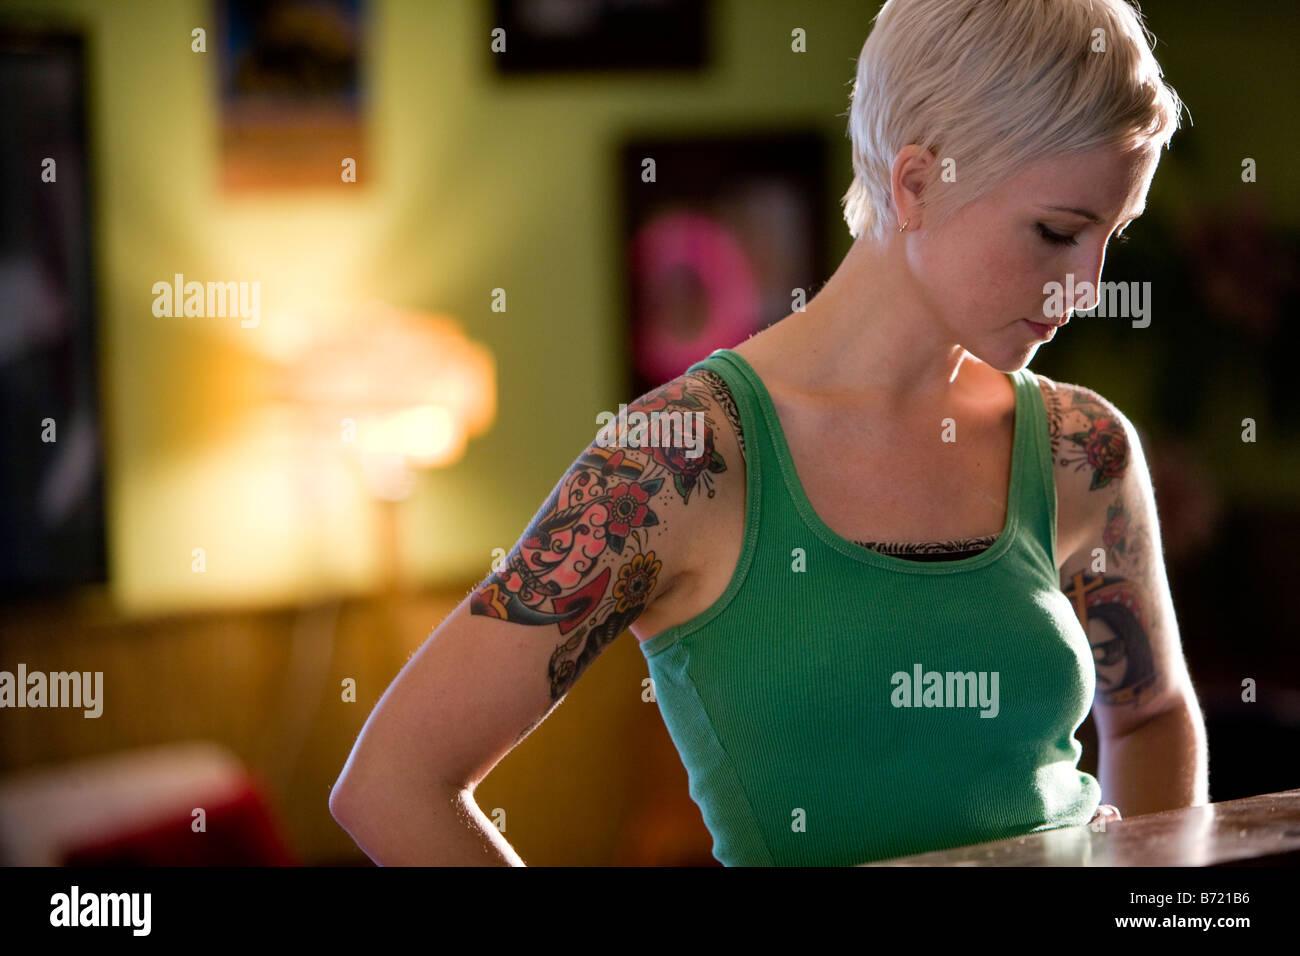 Giovane donna con il design del tatuaggio sul braccio guardando verso il  basso 889f47c4a704